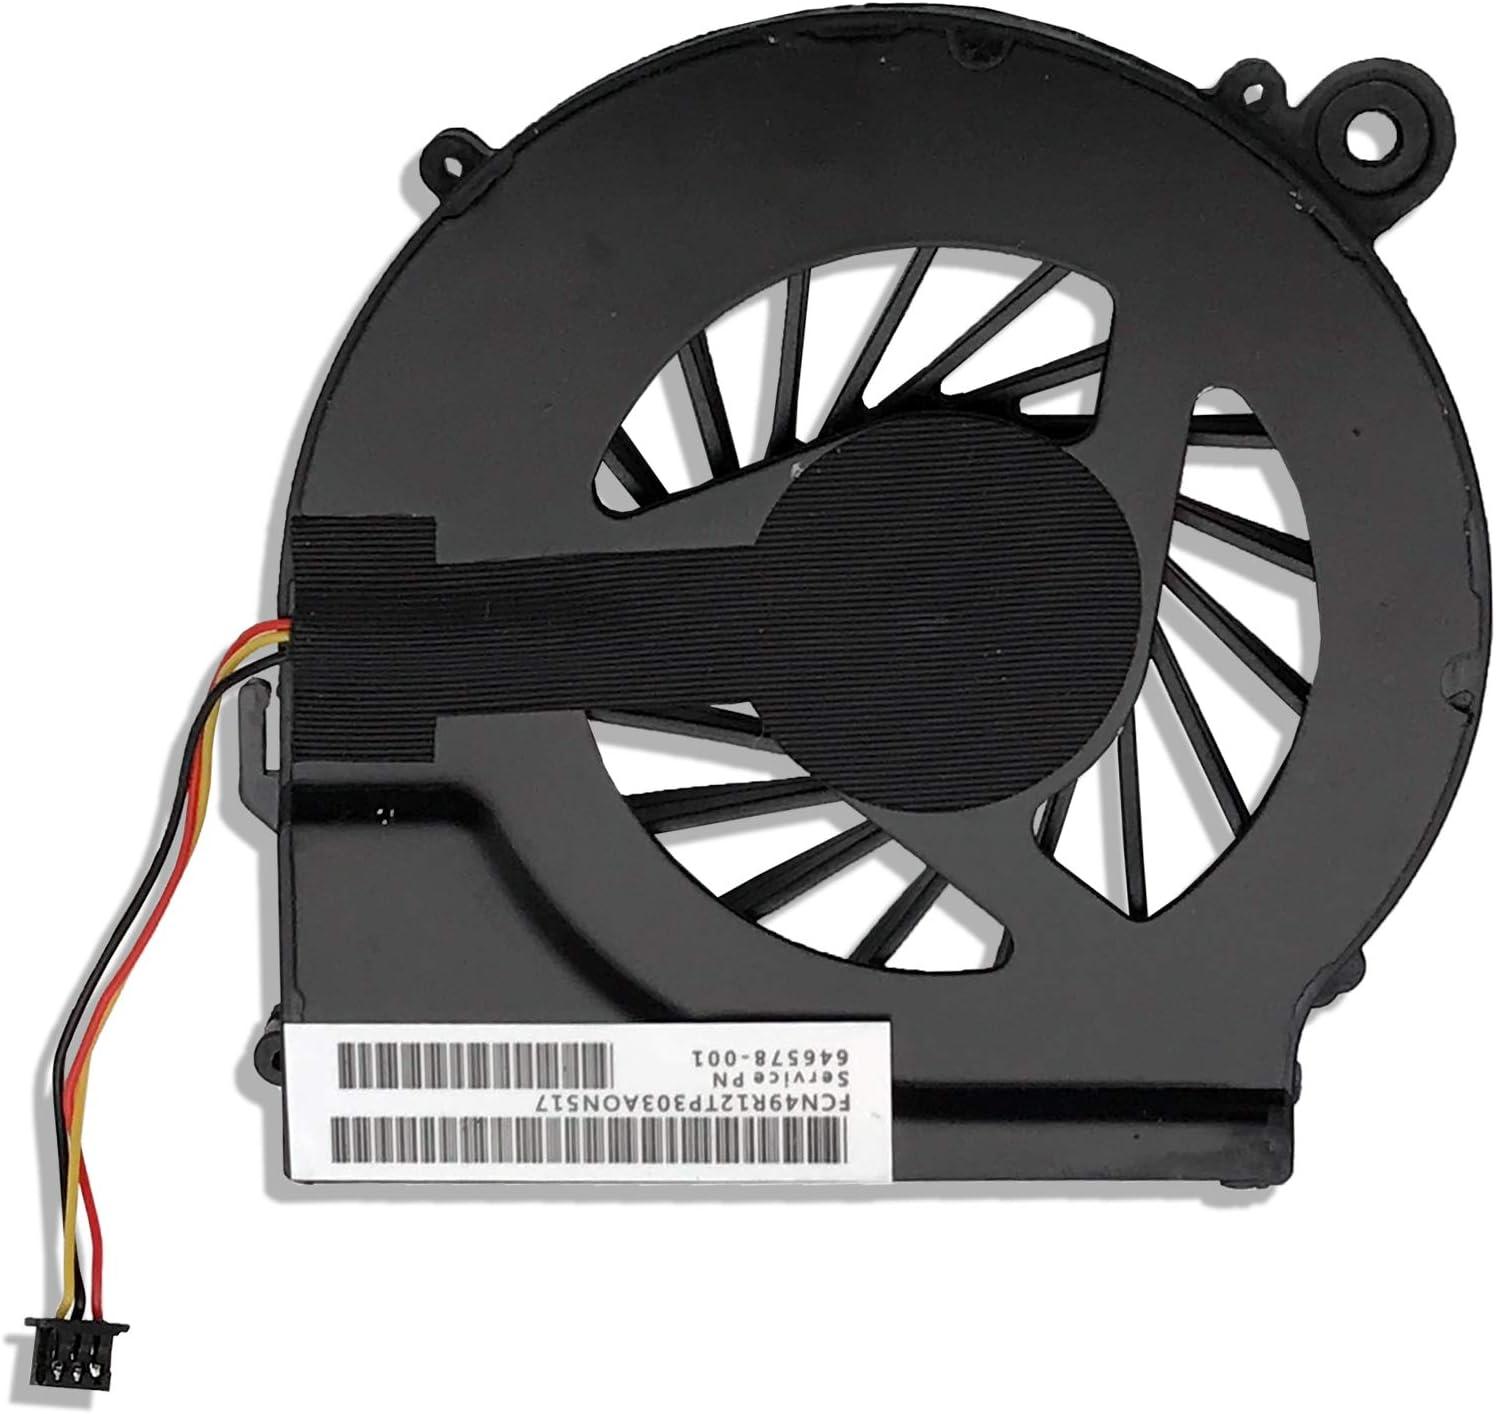 CBK CPU Cooling Fan for HP Pavilion G7 G6 G4 HP Compaq CQ42 CQ42-100 CQ42-200 CQ42-300 CQ62 CQ56 CQ56z CQ56-112 CQ56-115 Presario CQ62z G62t Series Laptop 646578-001 KSB06105HA